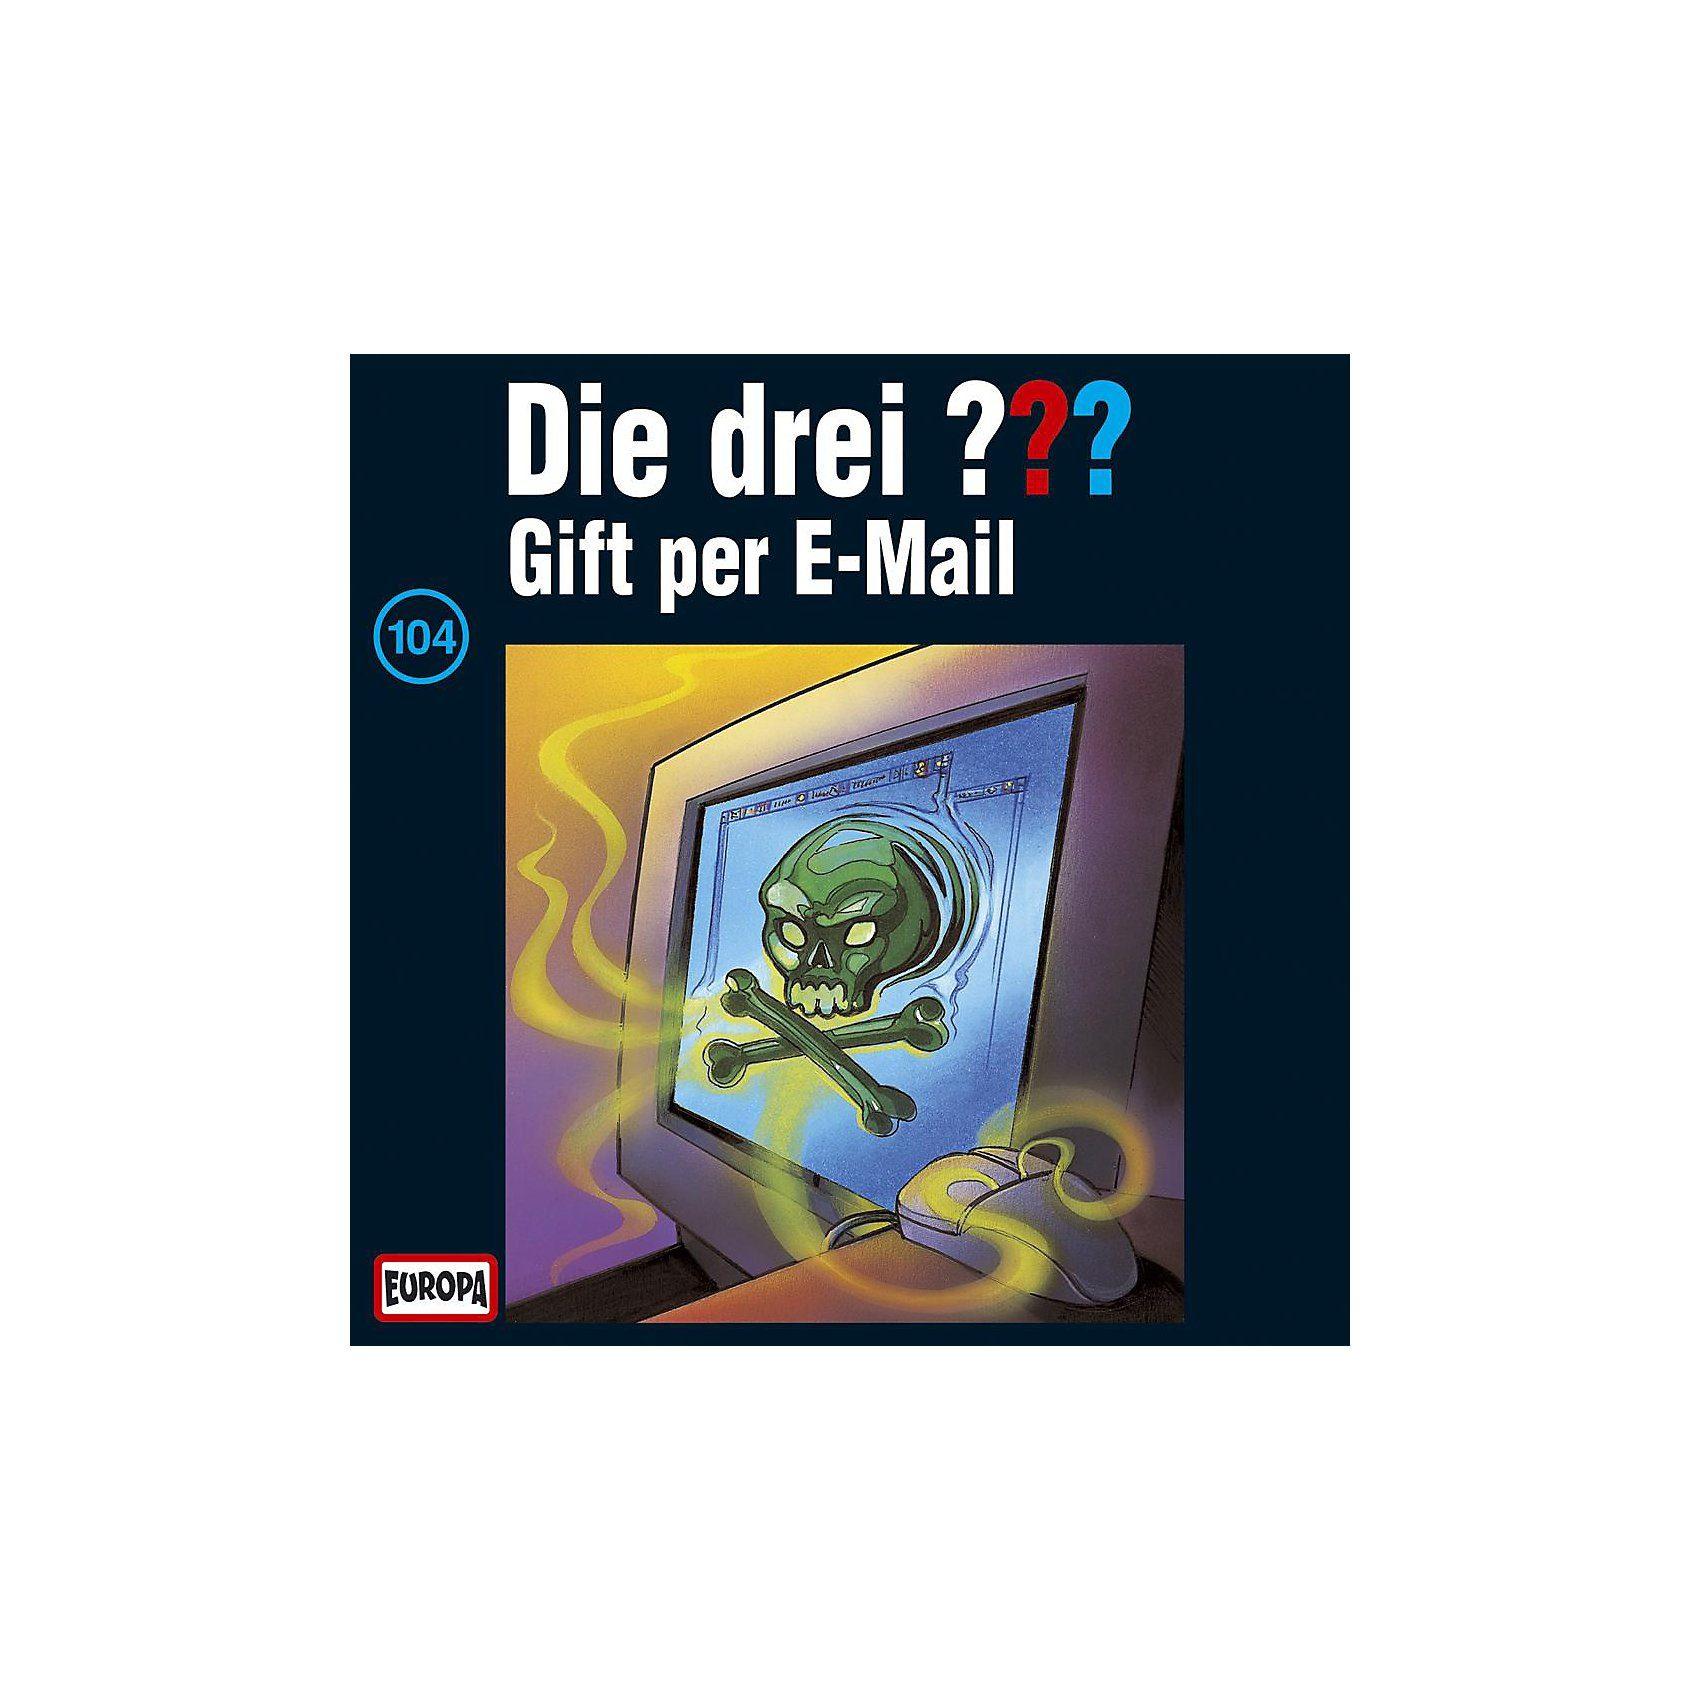 Sony CD Die drei ??? 104 (Gift per Email)